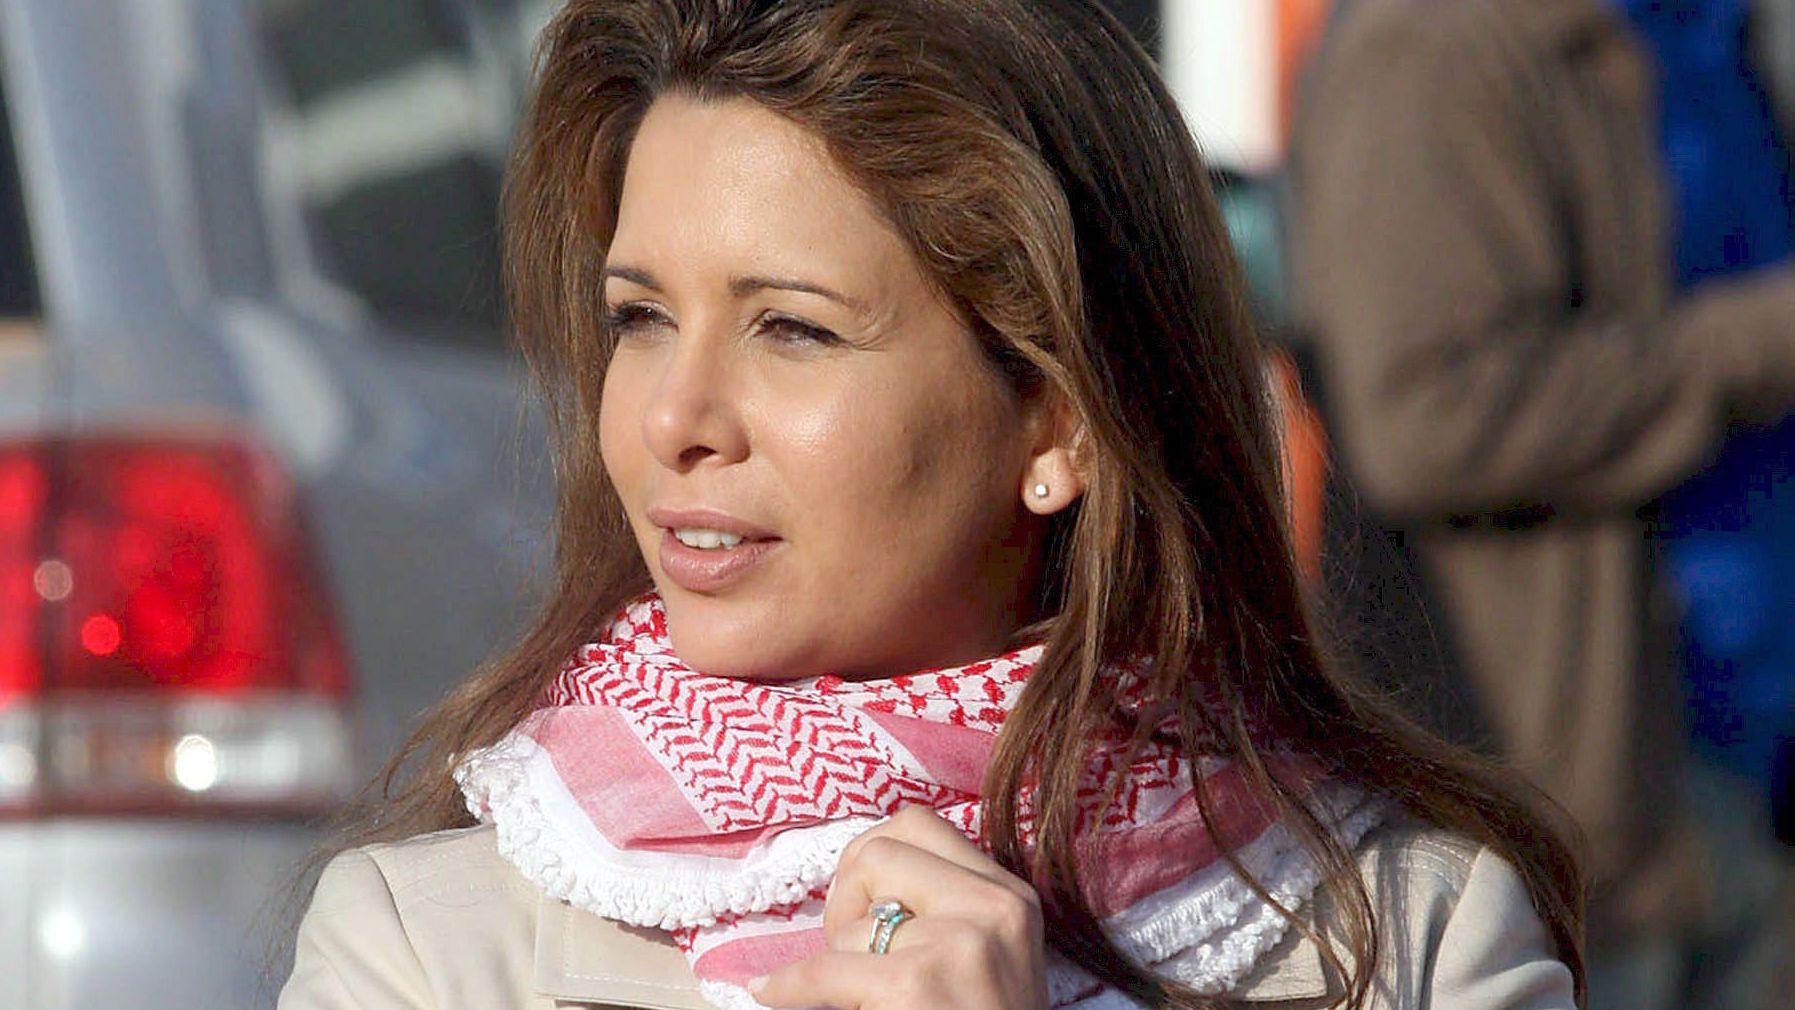 Prinzessin Haja Bint al-Hussein, Ehefrau von Scheich Mohammed bin Raschid al-Maktum, dem Emir von Dubai.